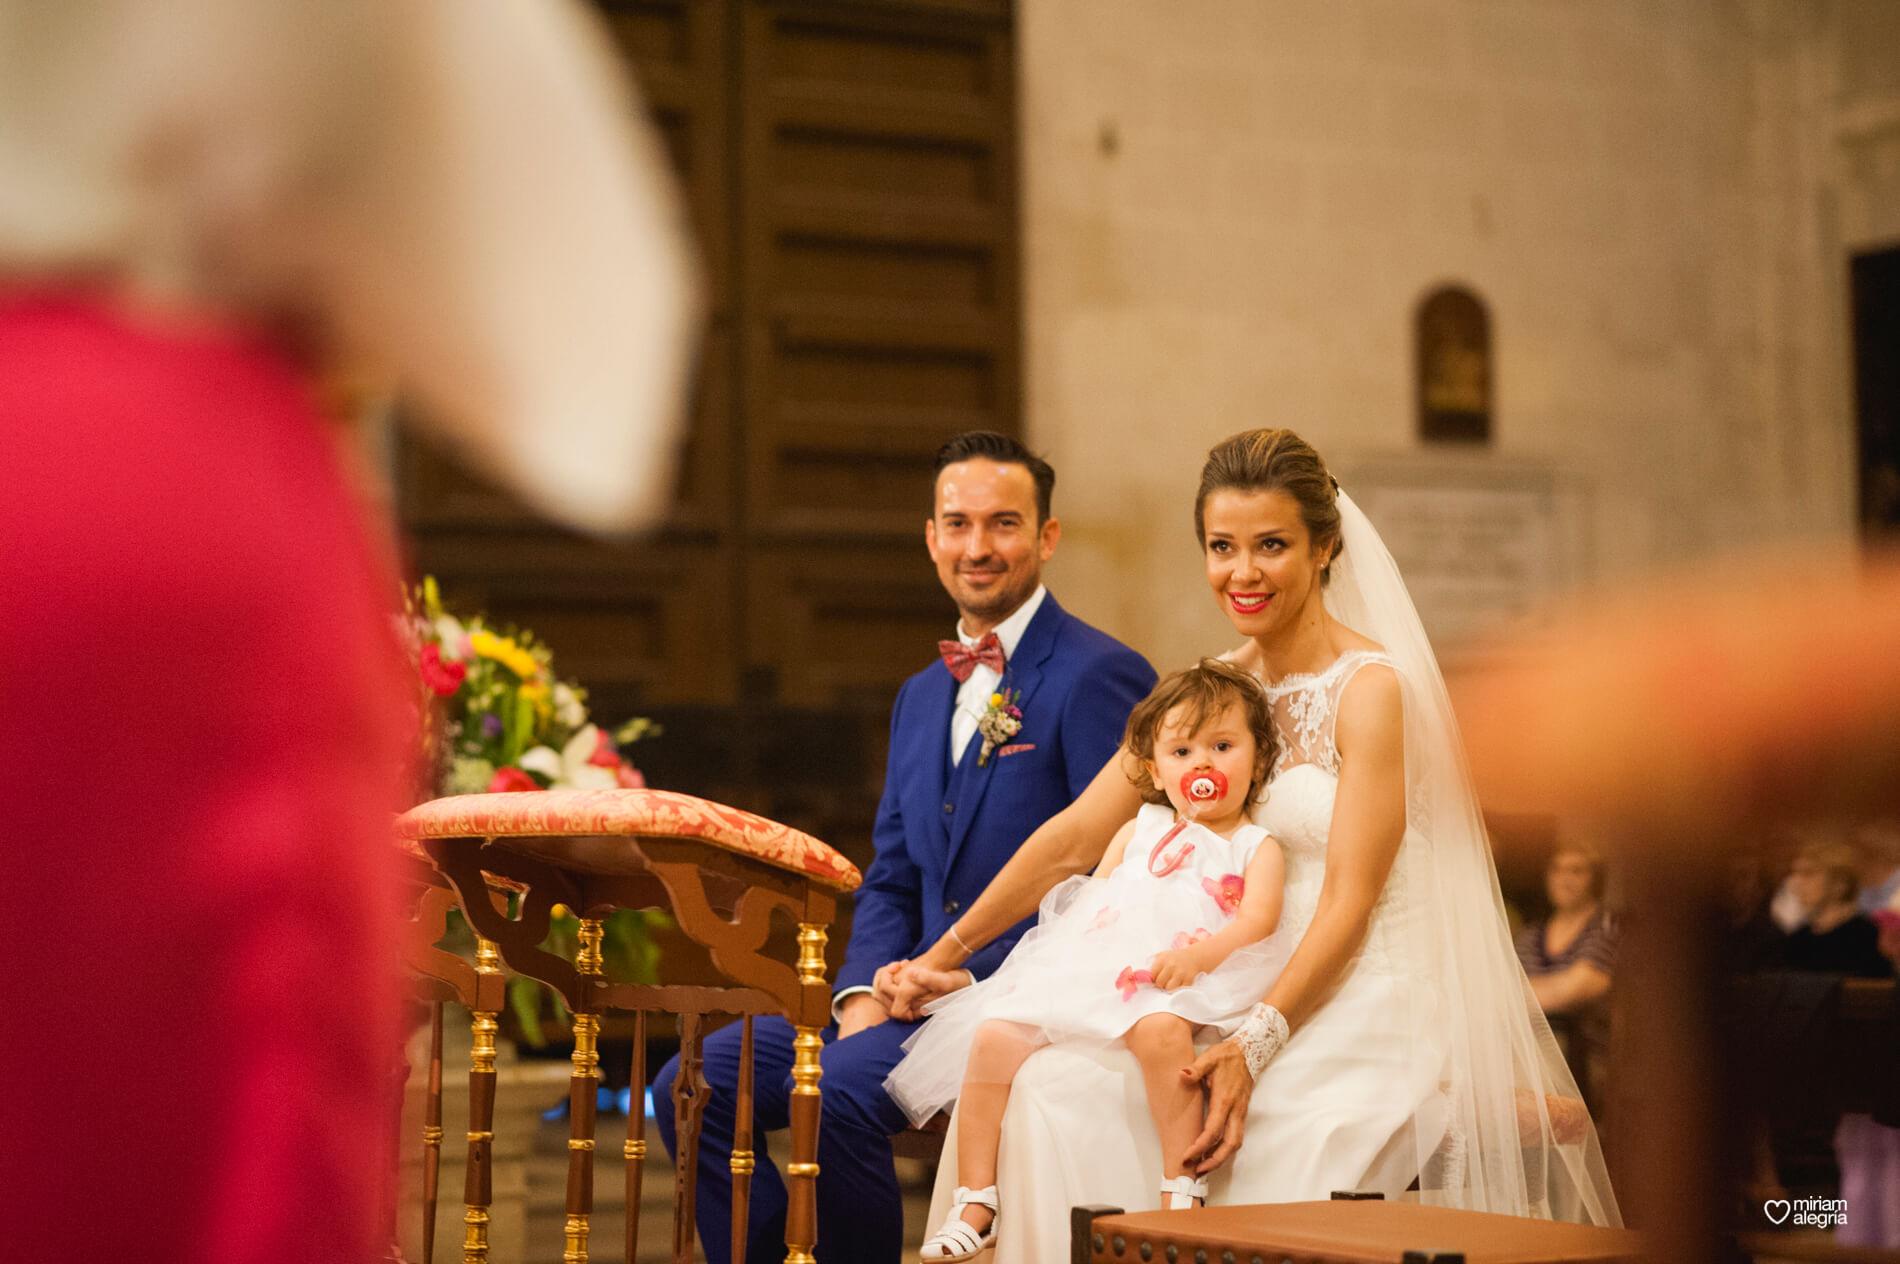 wedding-huerto-del-cura-elche-miriam-alegria-fotografos-boda-220